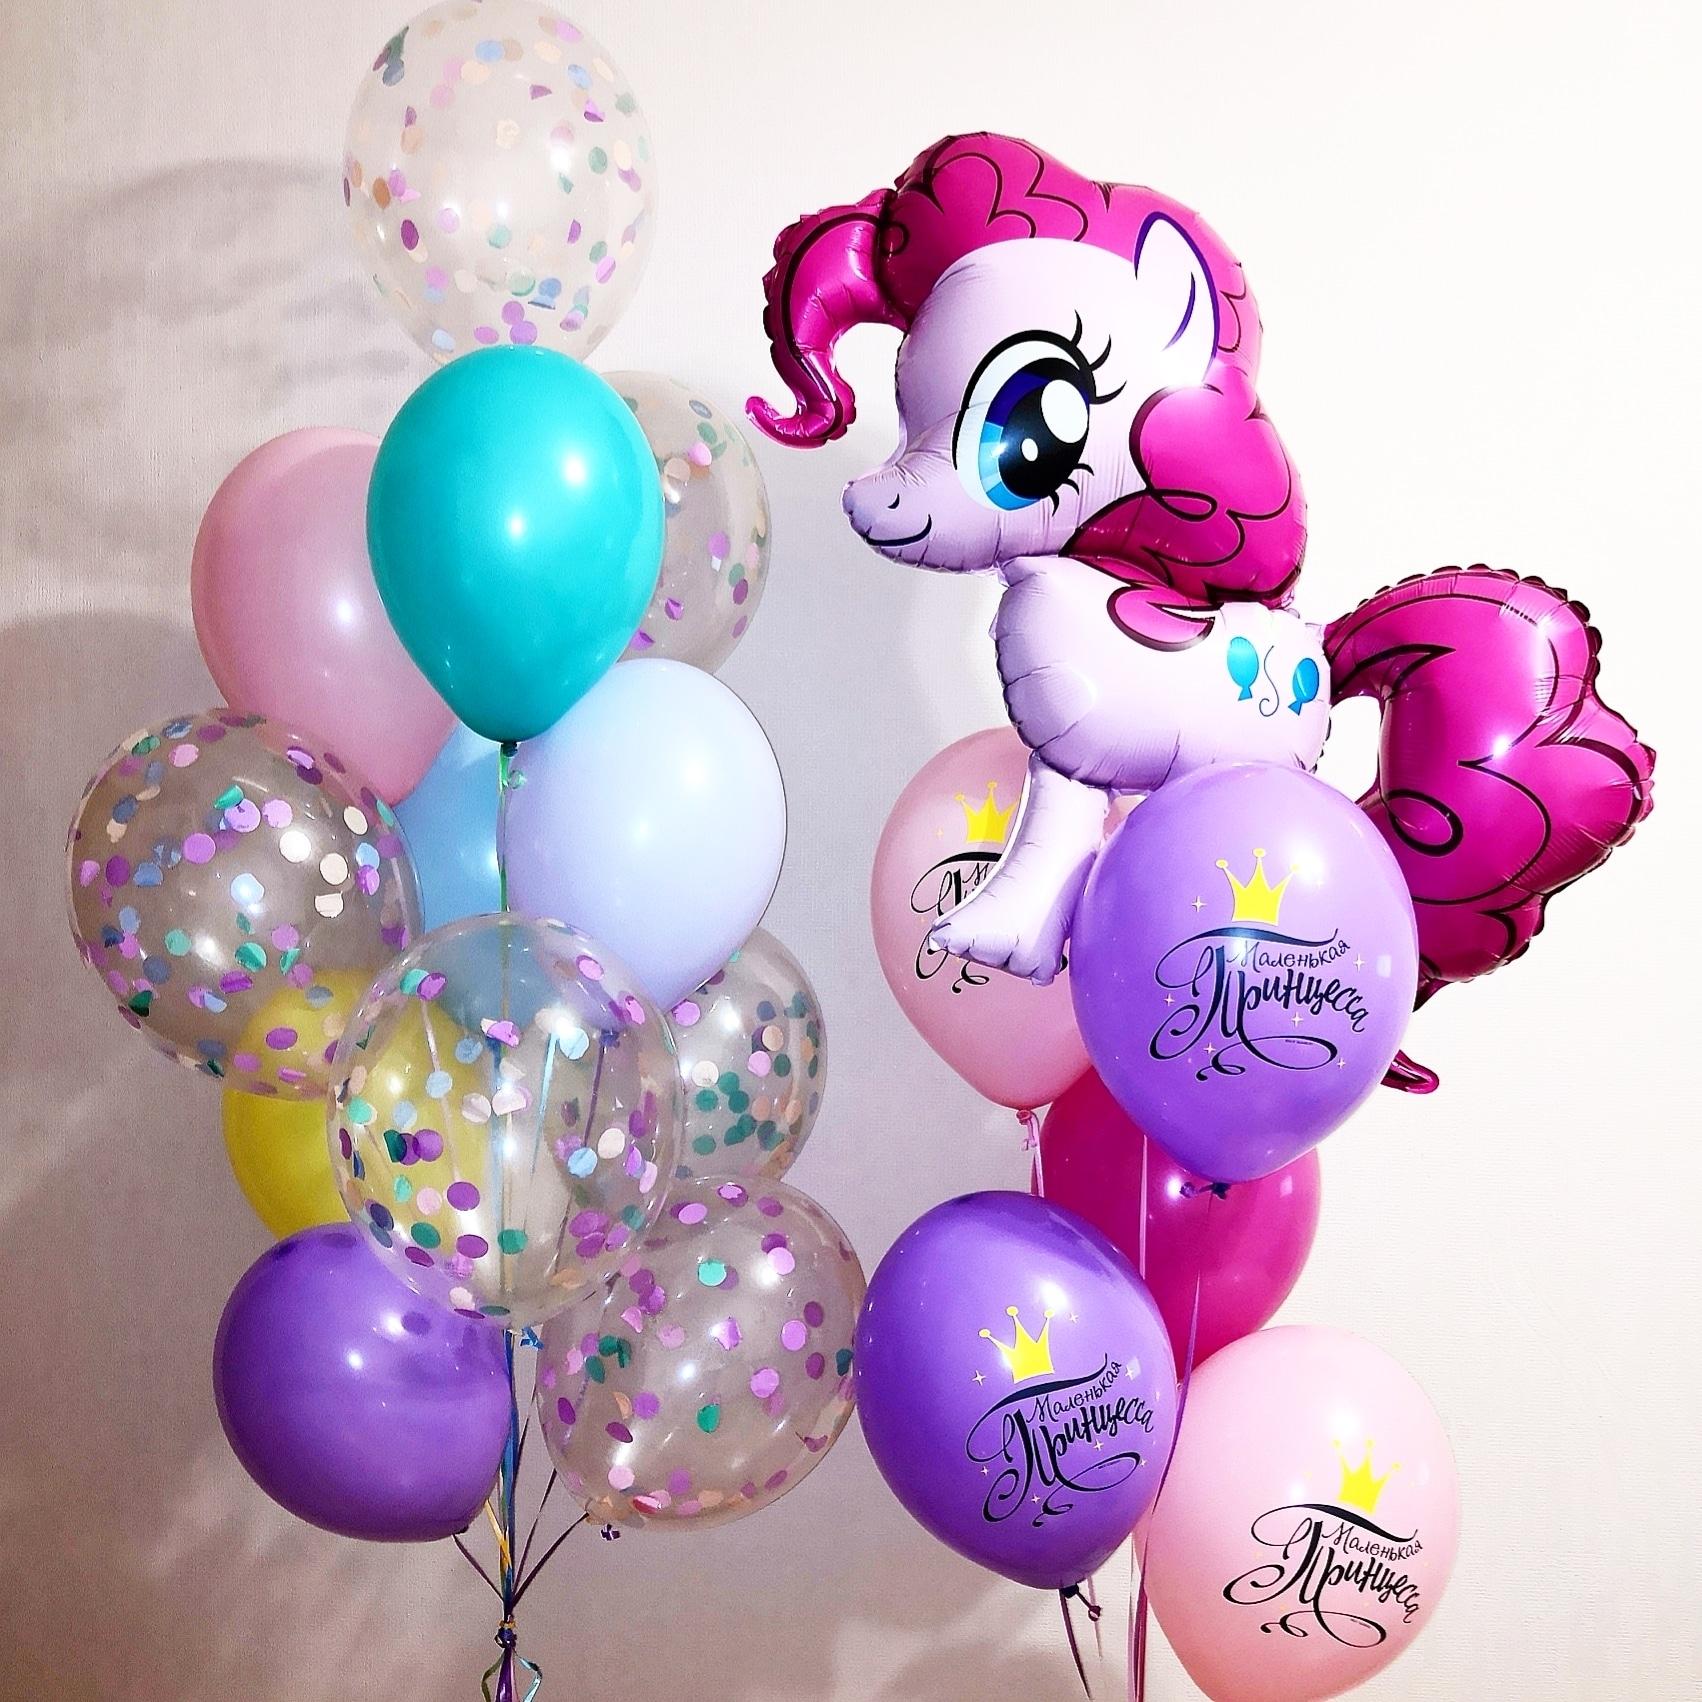 Шары Пинки Пай Фонтан из разноцветных шаров с Пони Пинки Пай IMG_20190504_175425_633.jpg